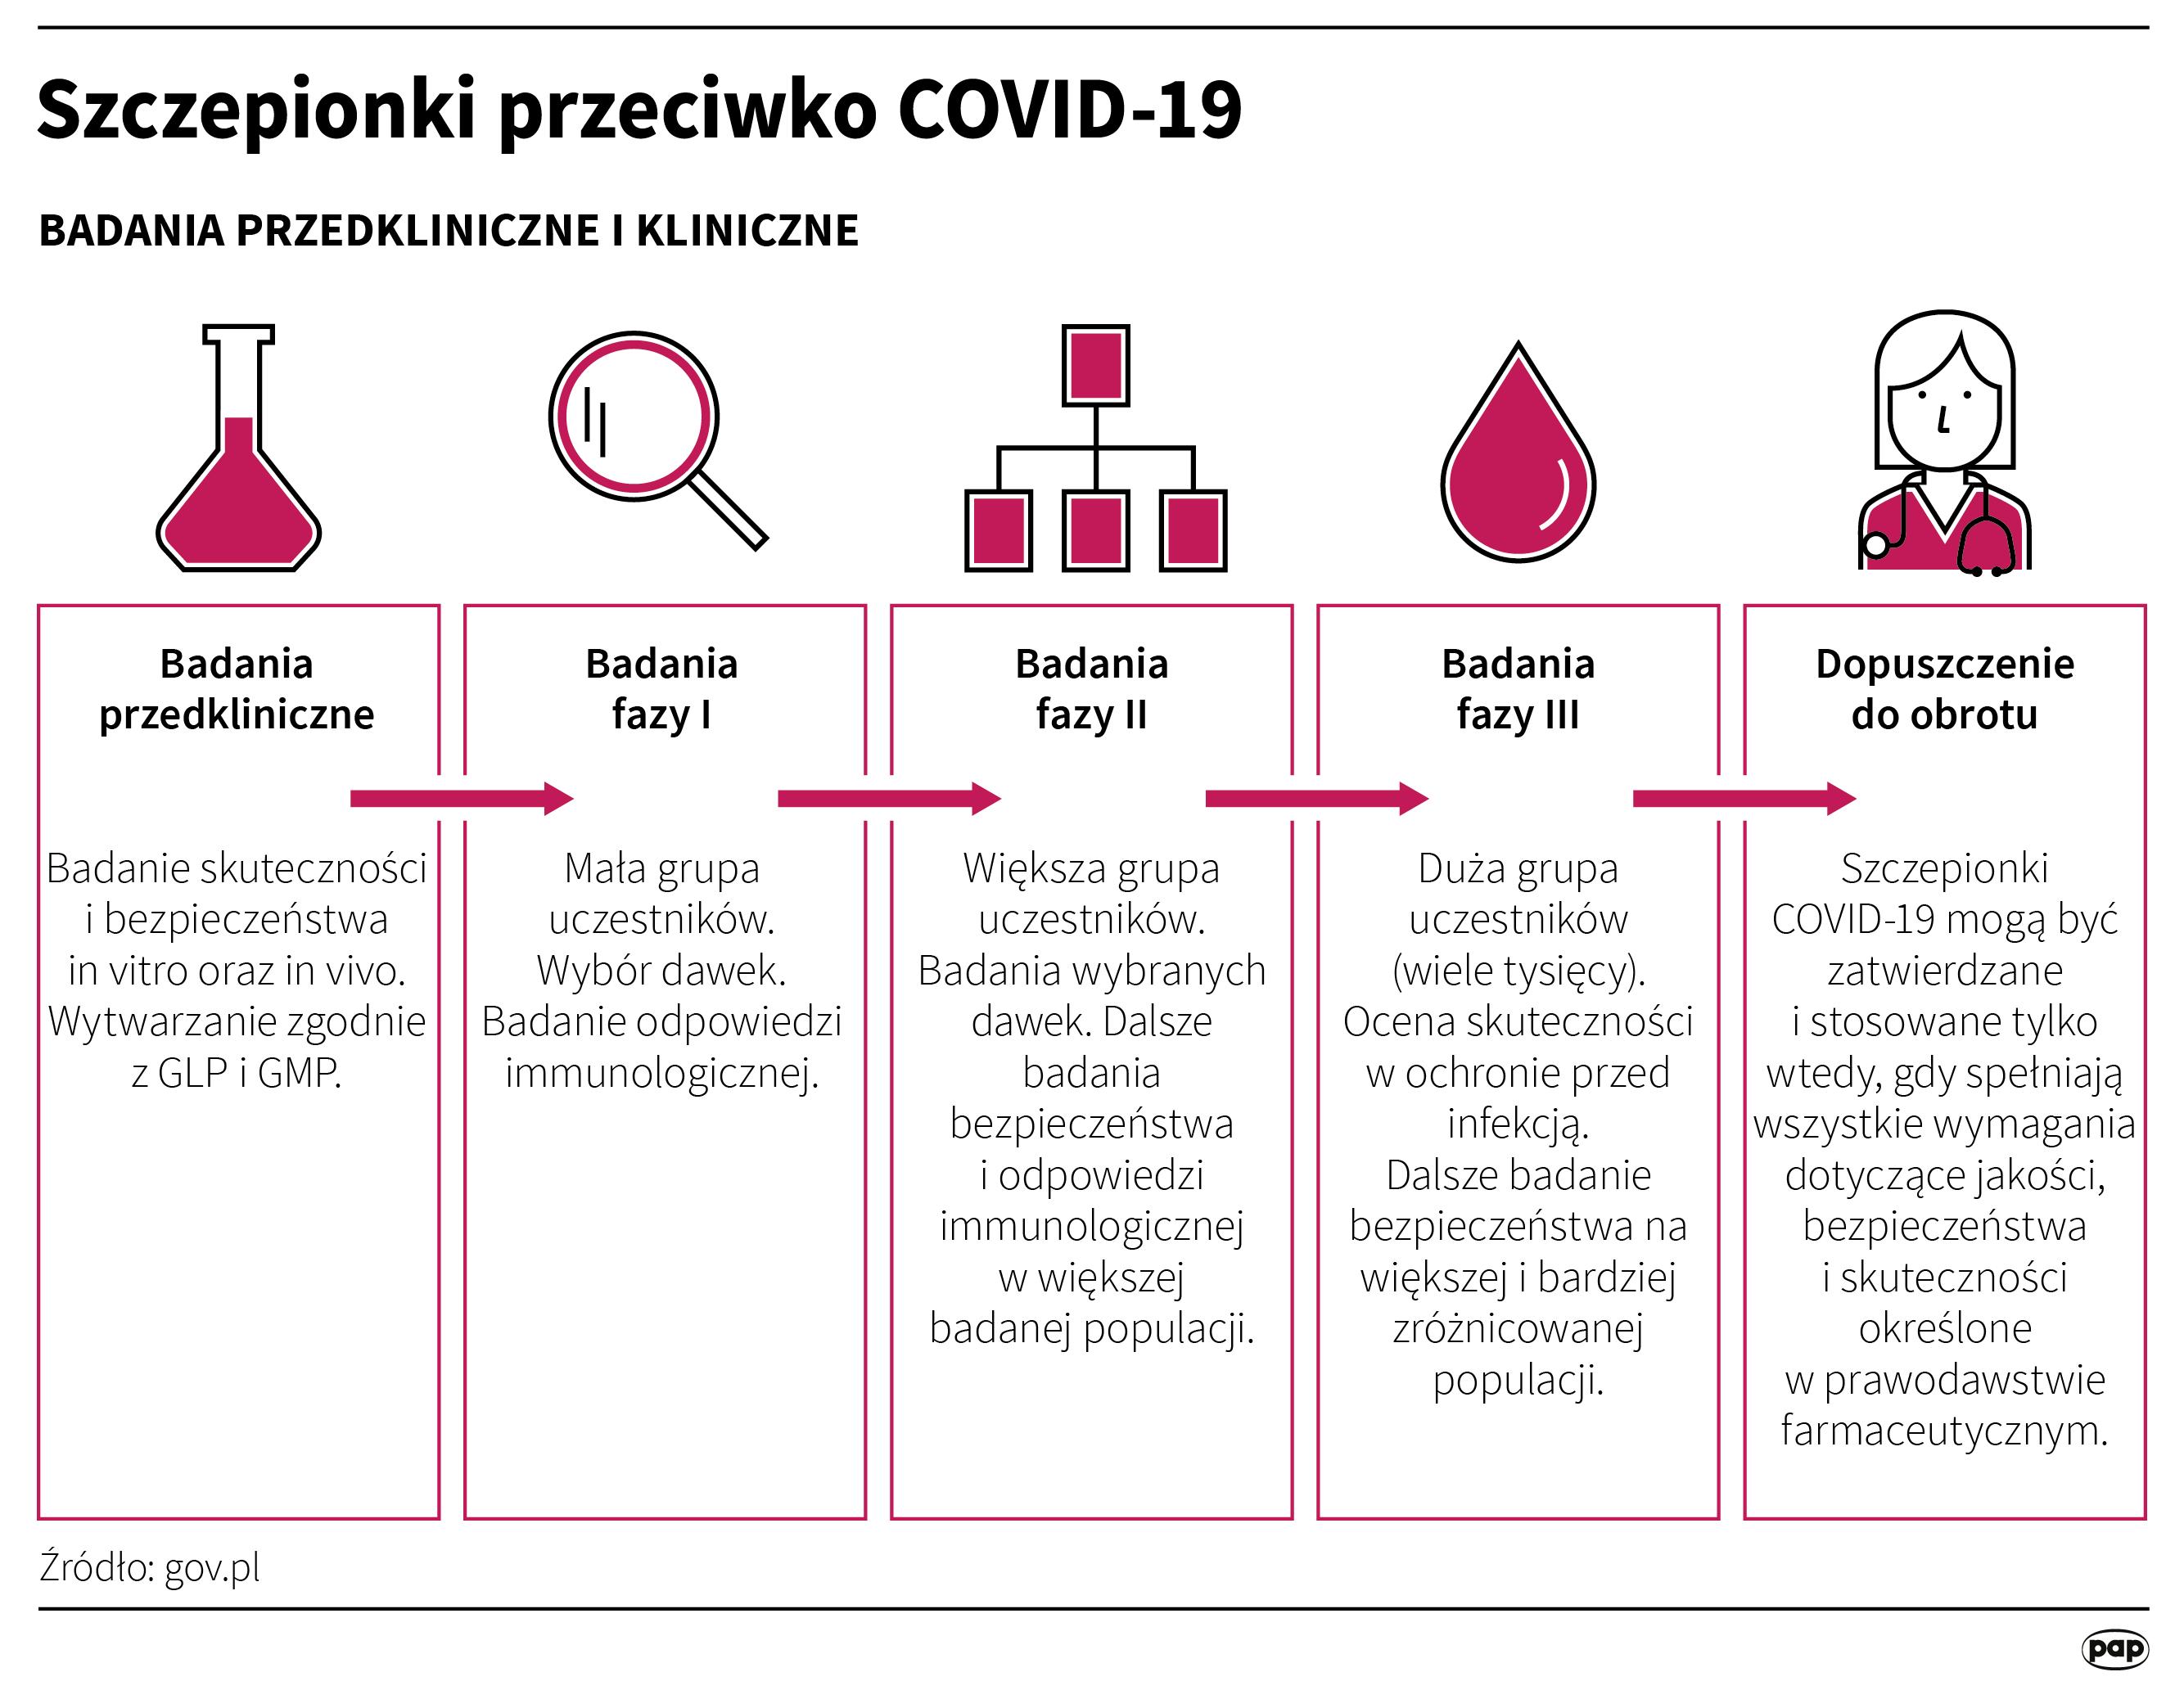 Szczepionki przeciwko COVID-19 są opracowywane zgodnie z tymi samymi wymogami dotyczącymi jakości, bezpieczeństwa i skuteczności, jak w przypadku innych produktów leczniczych (opr. Maria Samczuk/PAP)